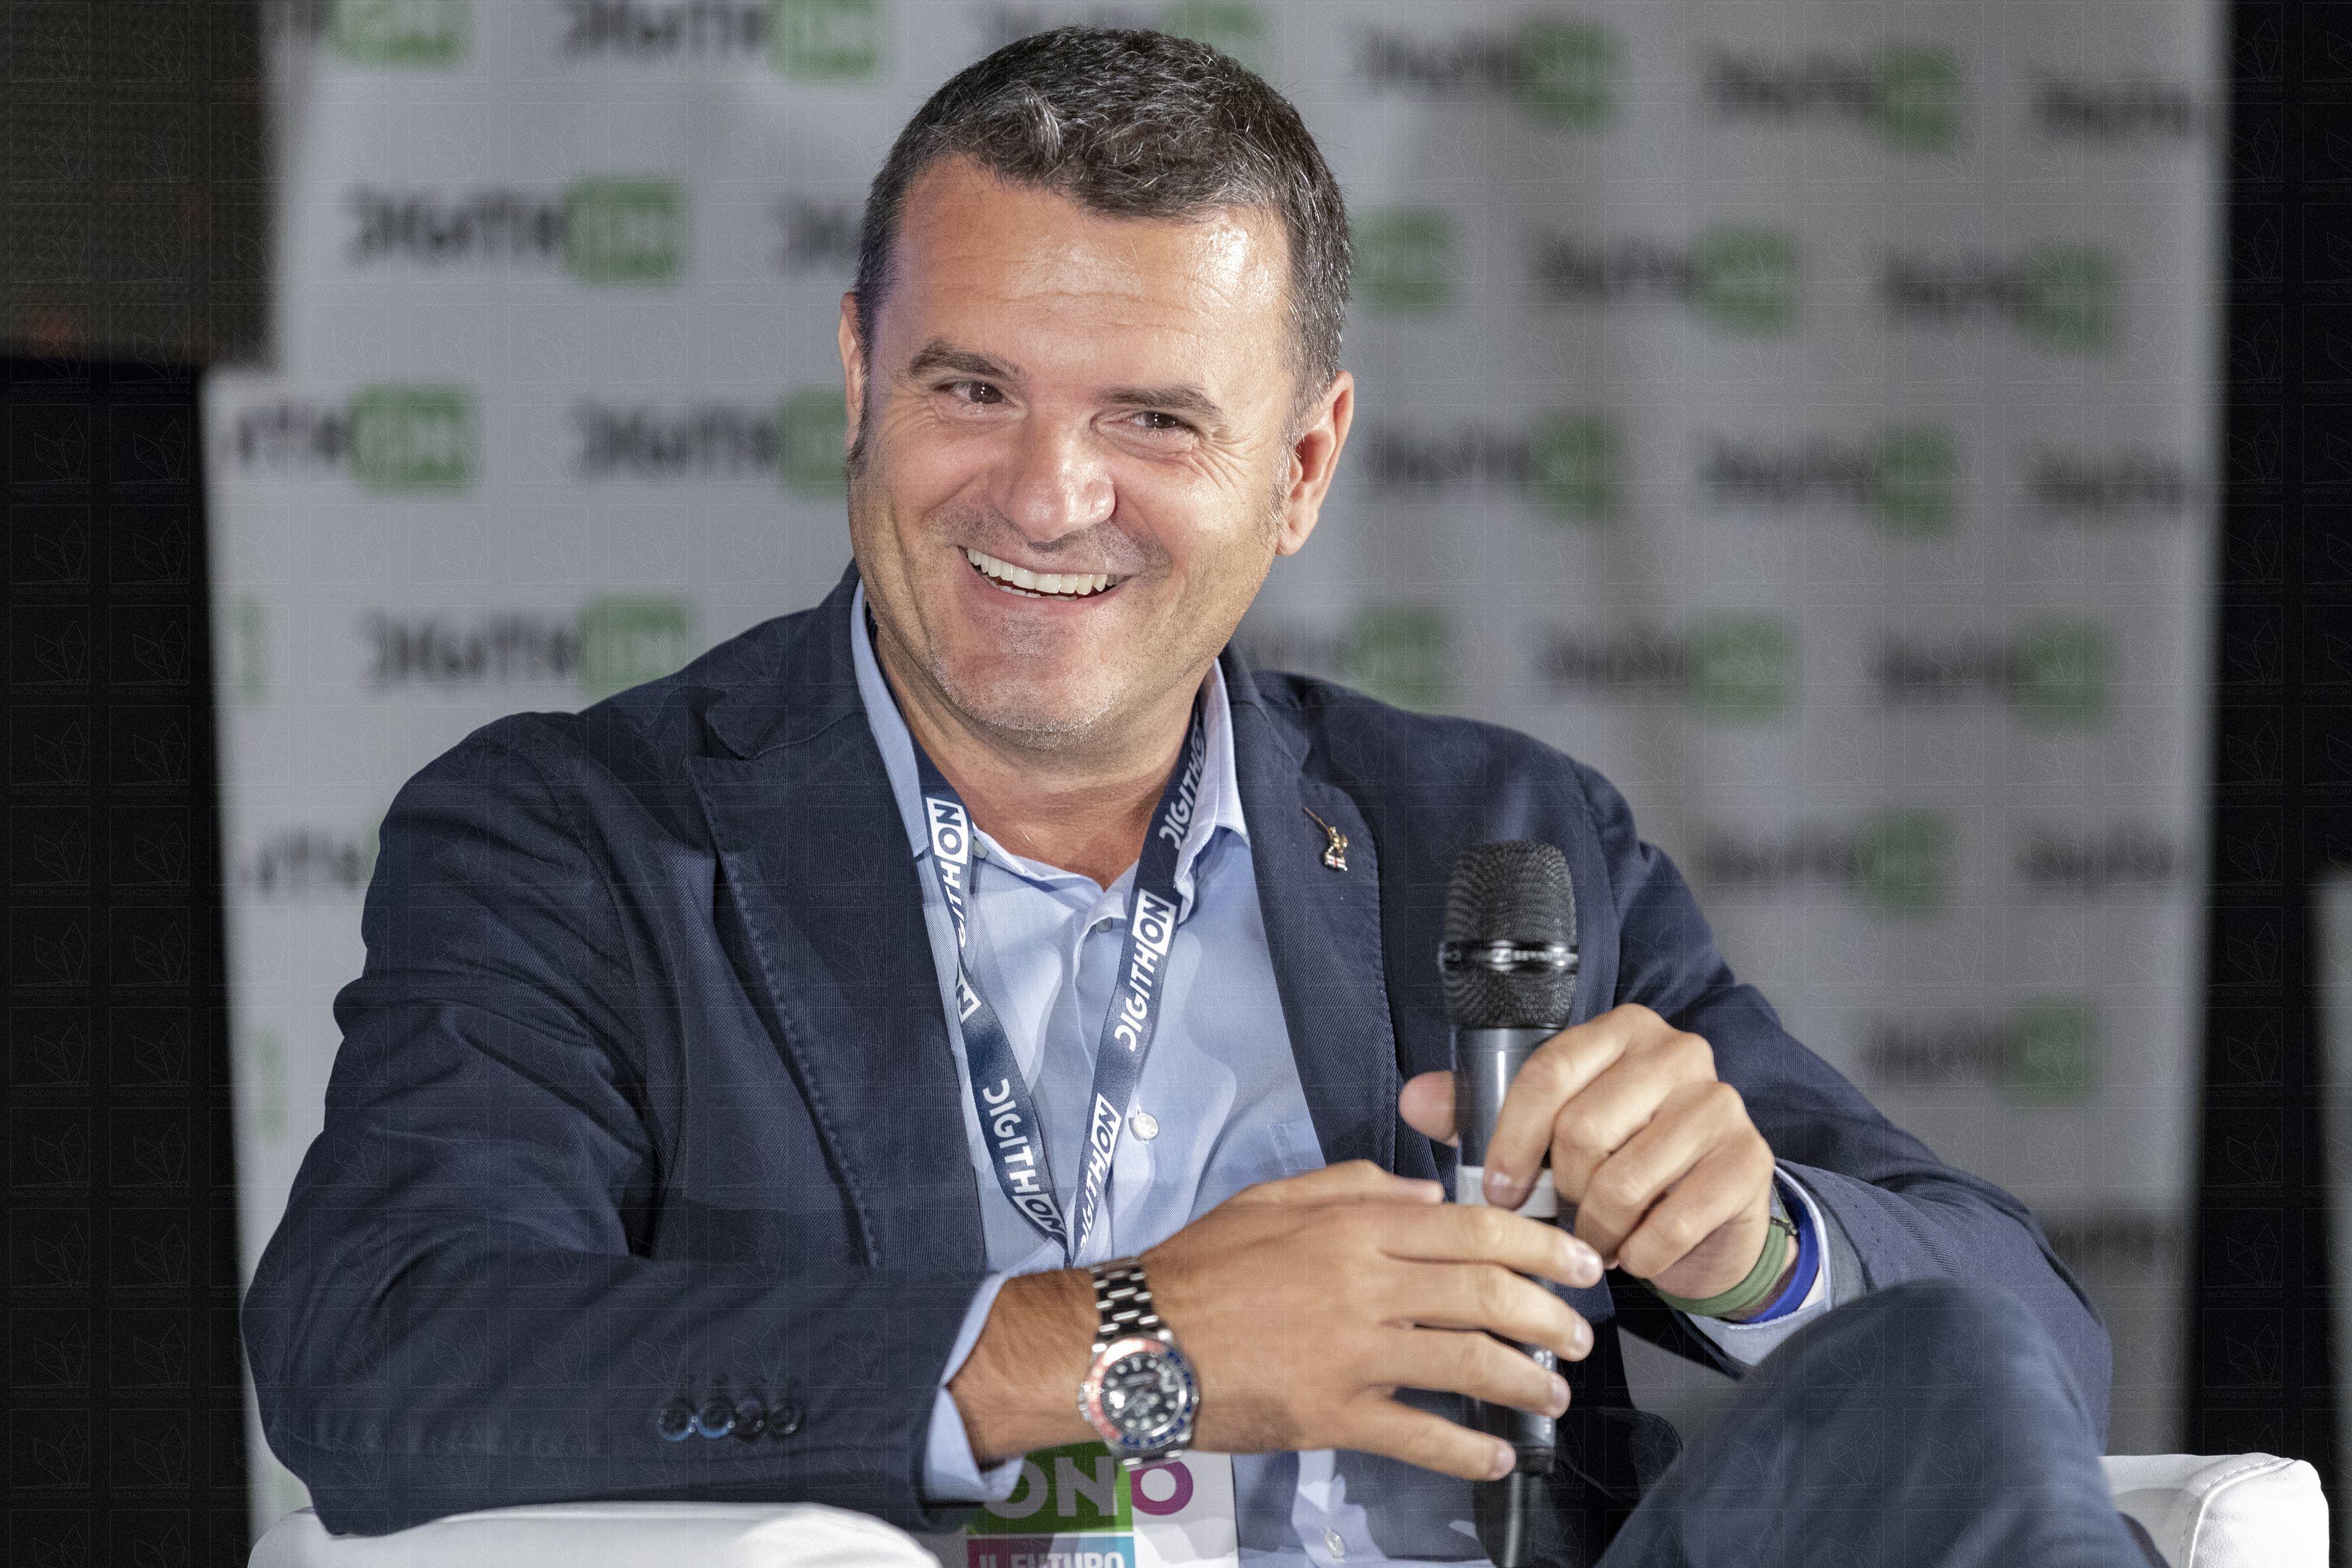 Ministro Gian Marco Centinaio al Digithon - 6 settembre 2018 - Bisceglie